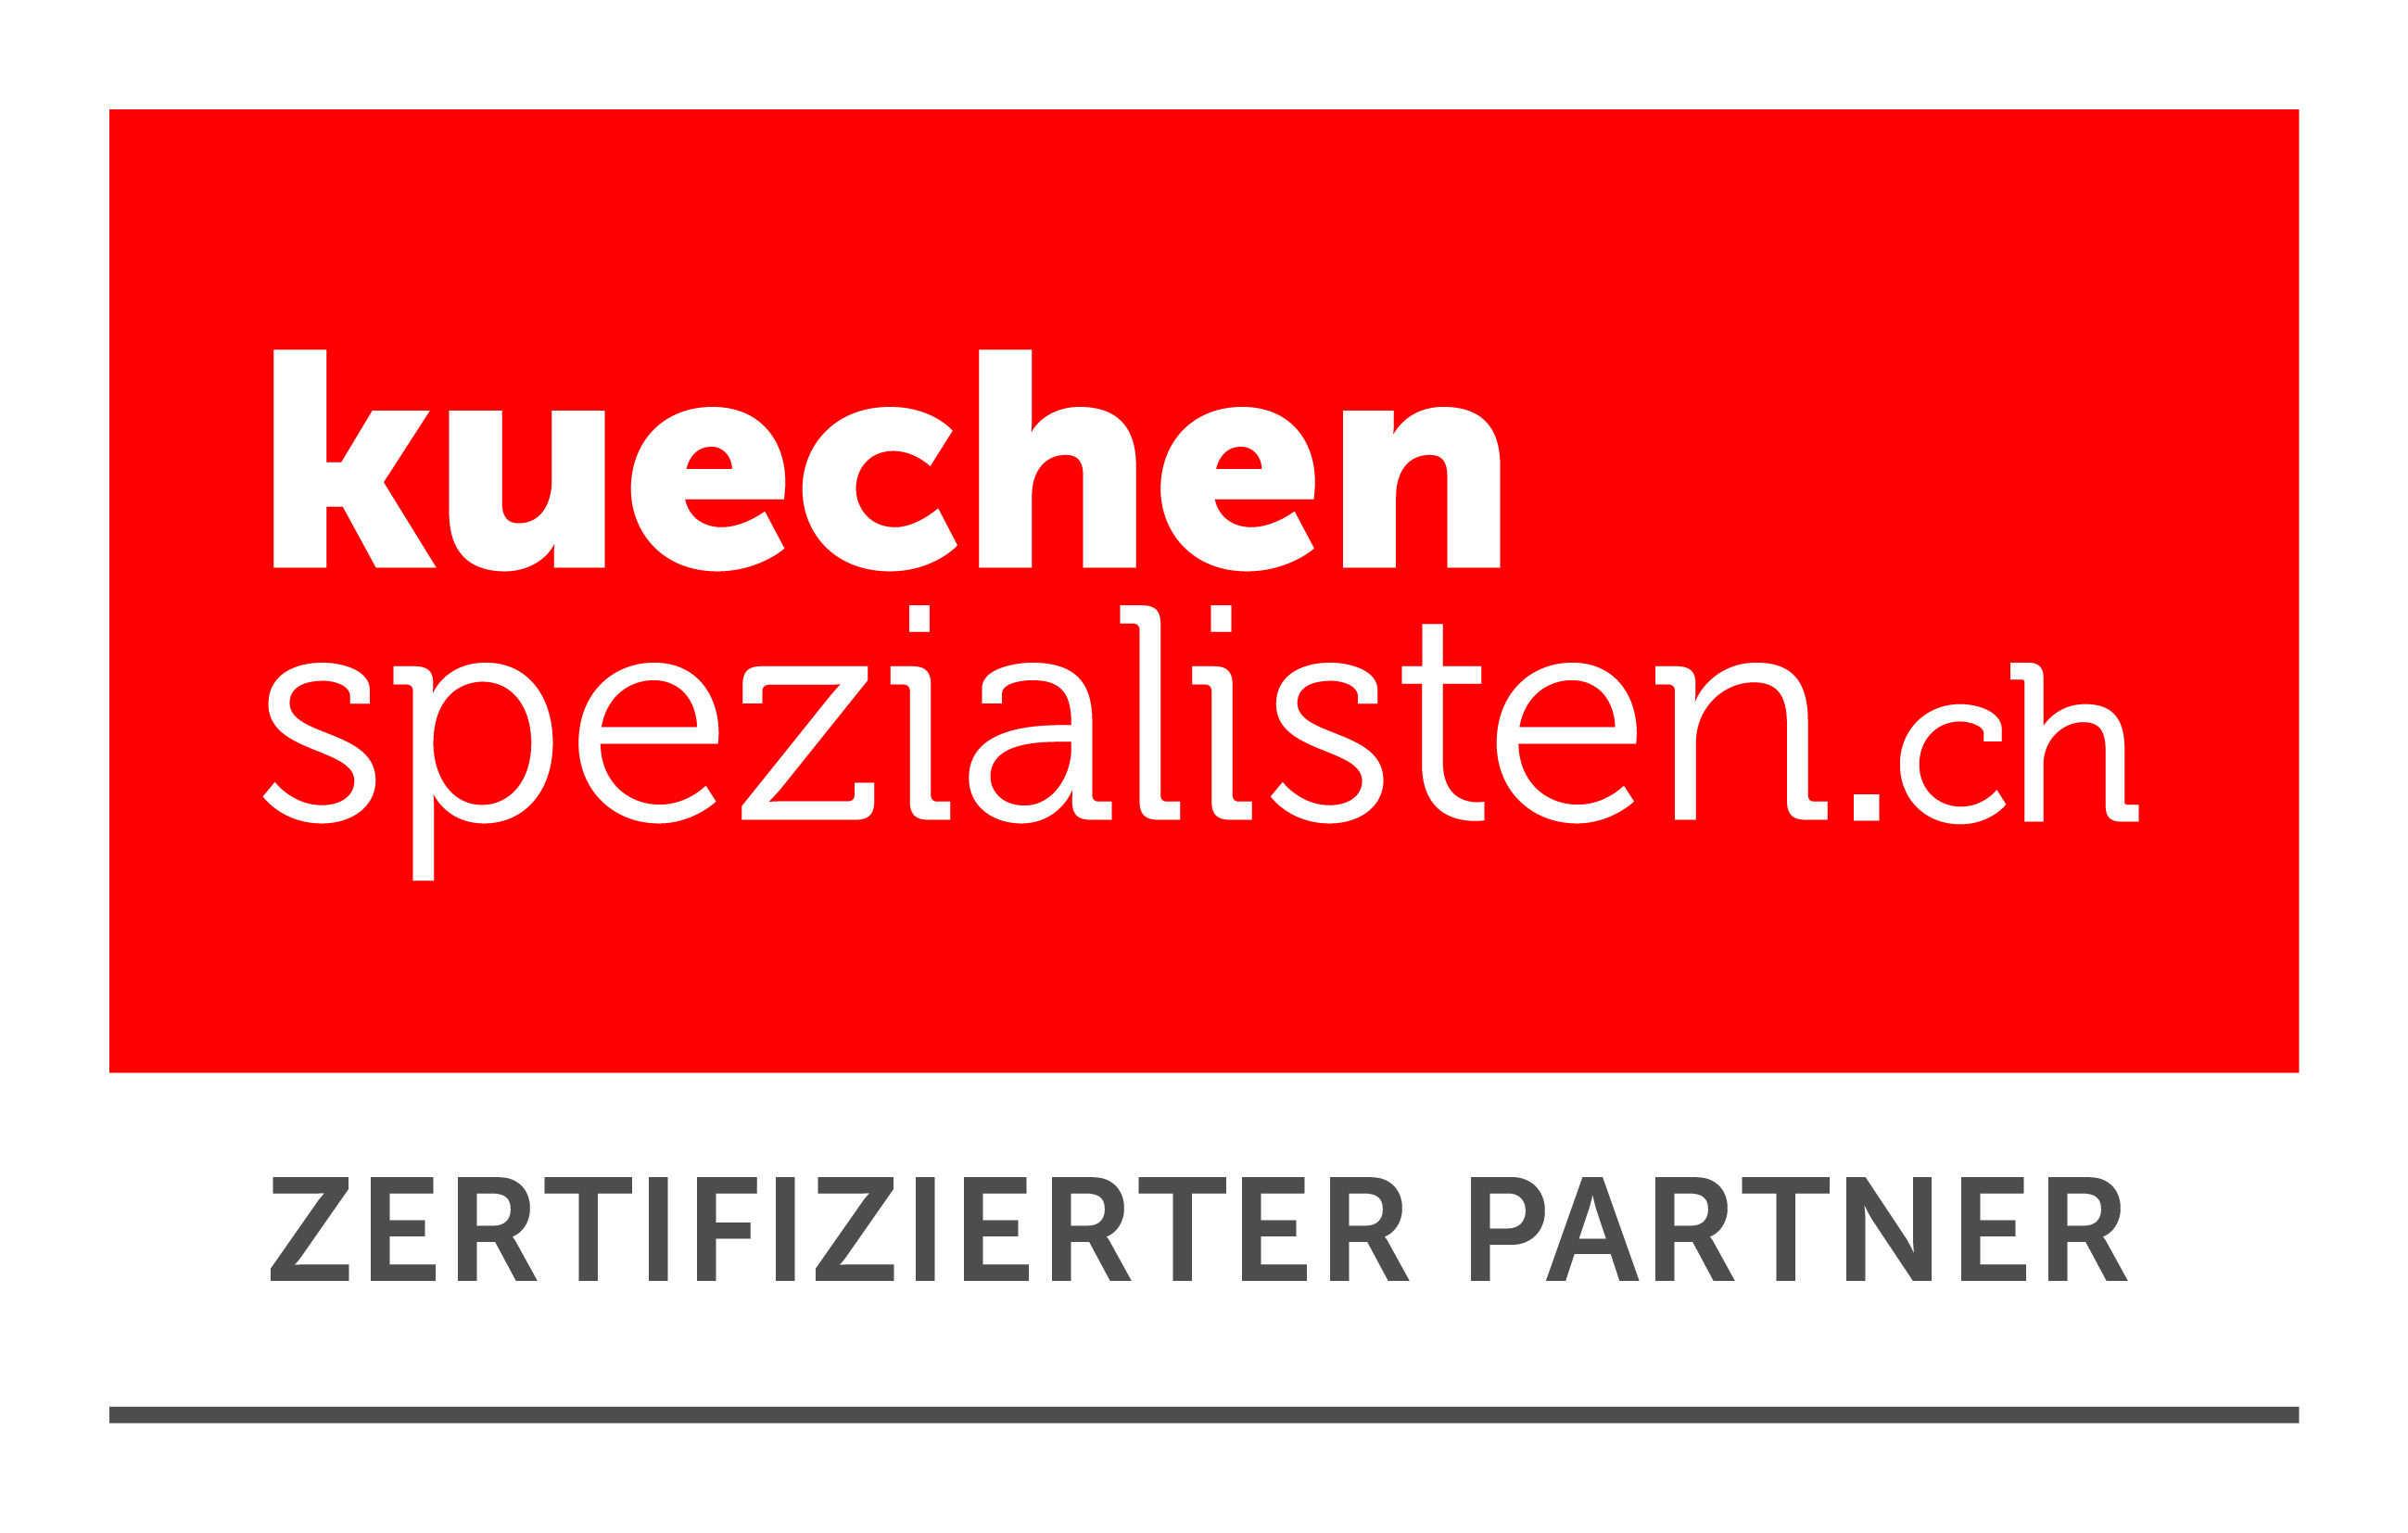 Zertifizierter Partner von Küchenspezialisten.ch